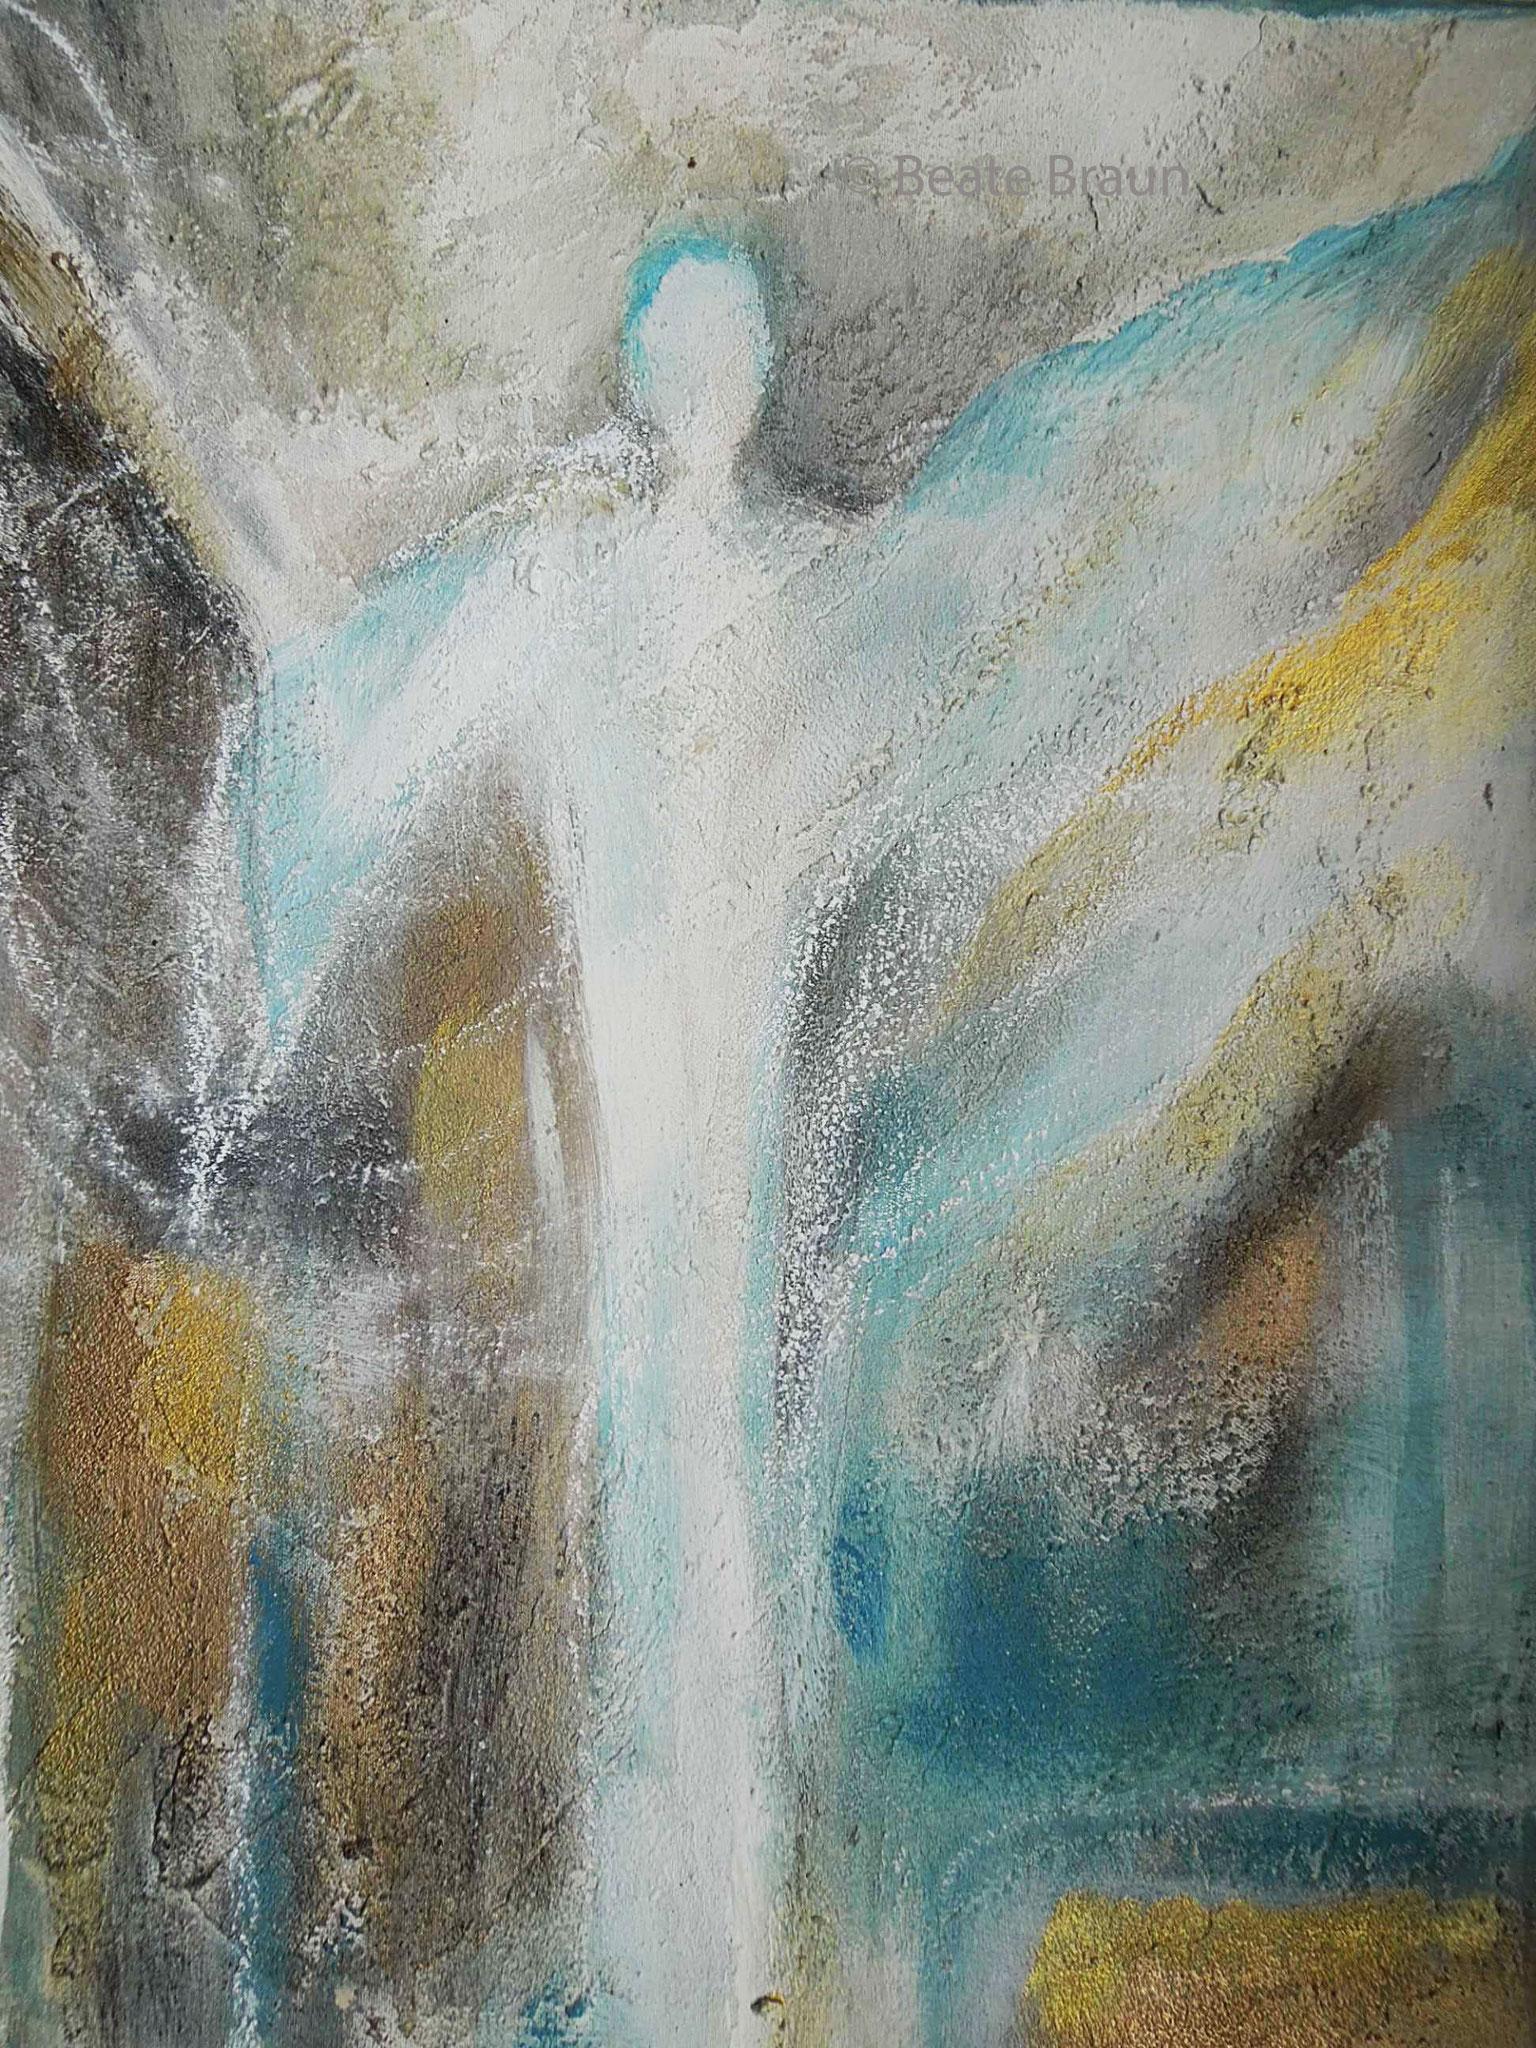 Engel in sibergrau